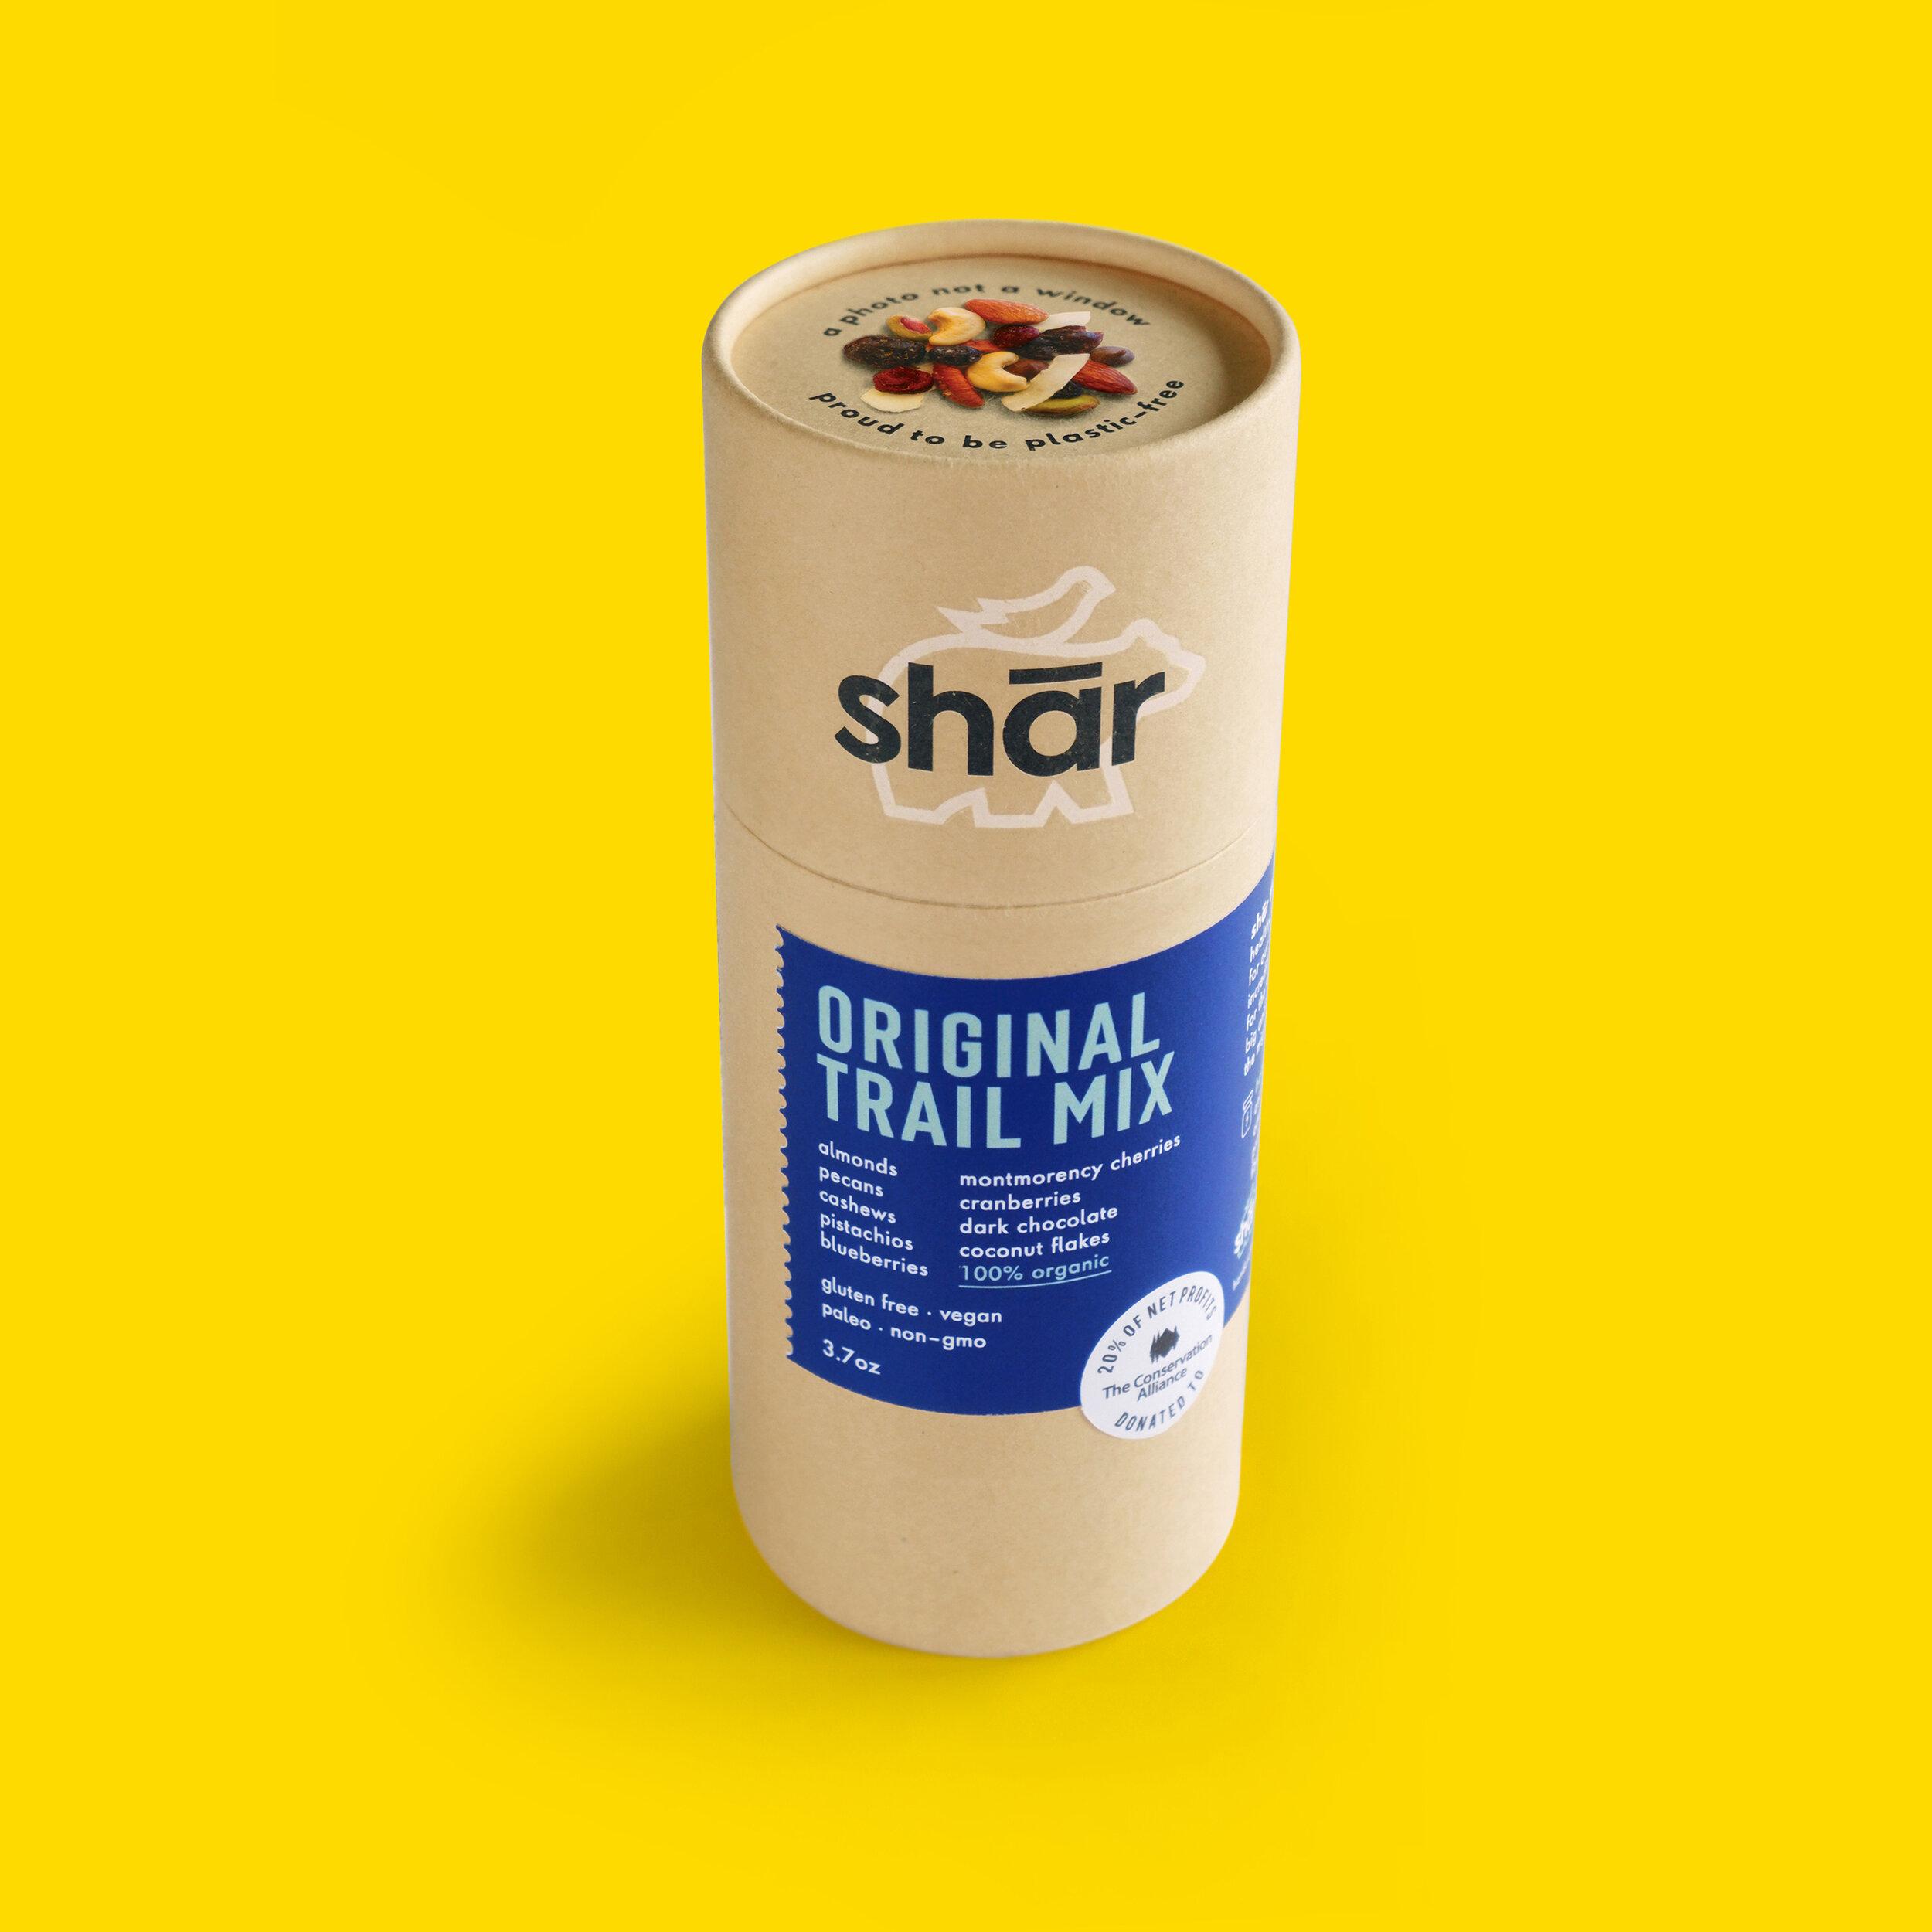 Shar tube.jpg